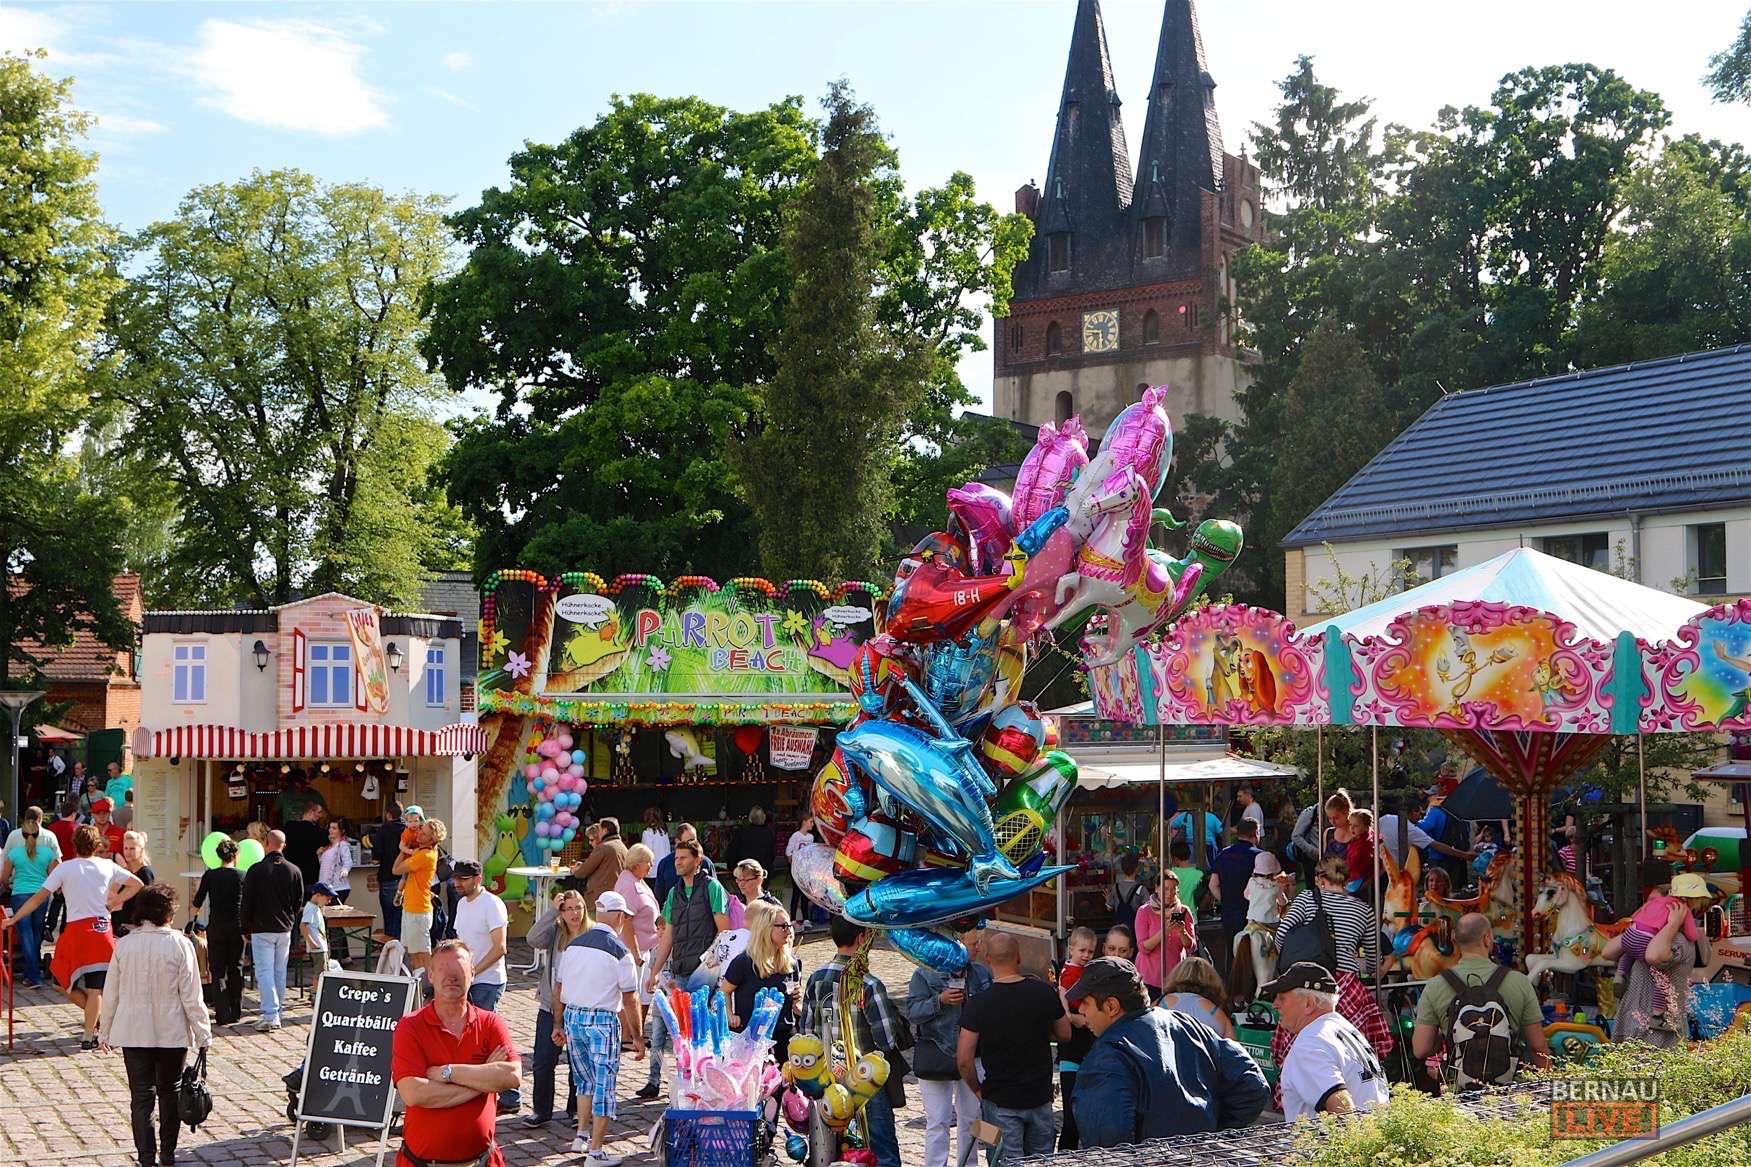 Bernau - Barnim: Schlendermeile in Panketal – Sommerfest Feuerwehr Zepernick